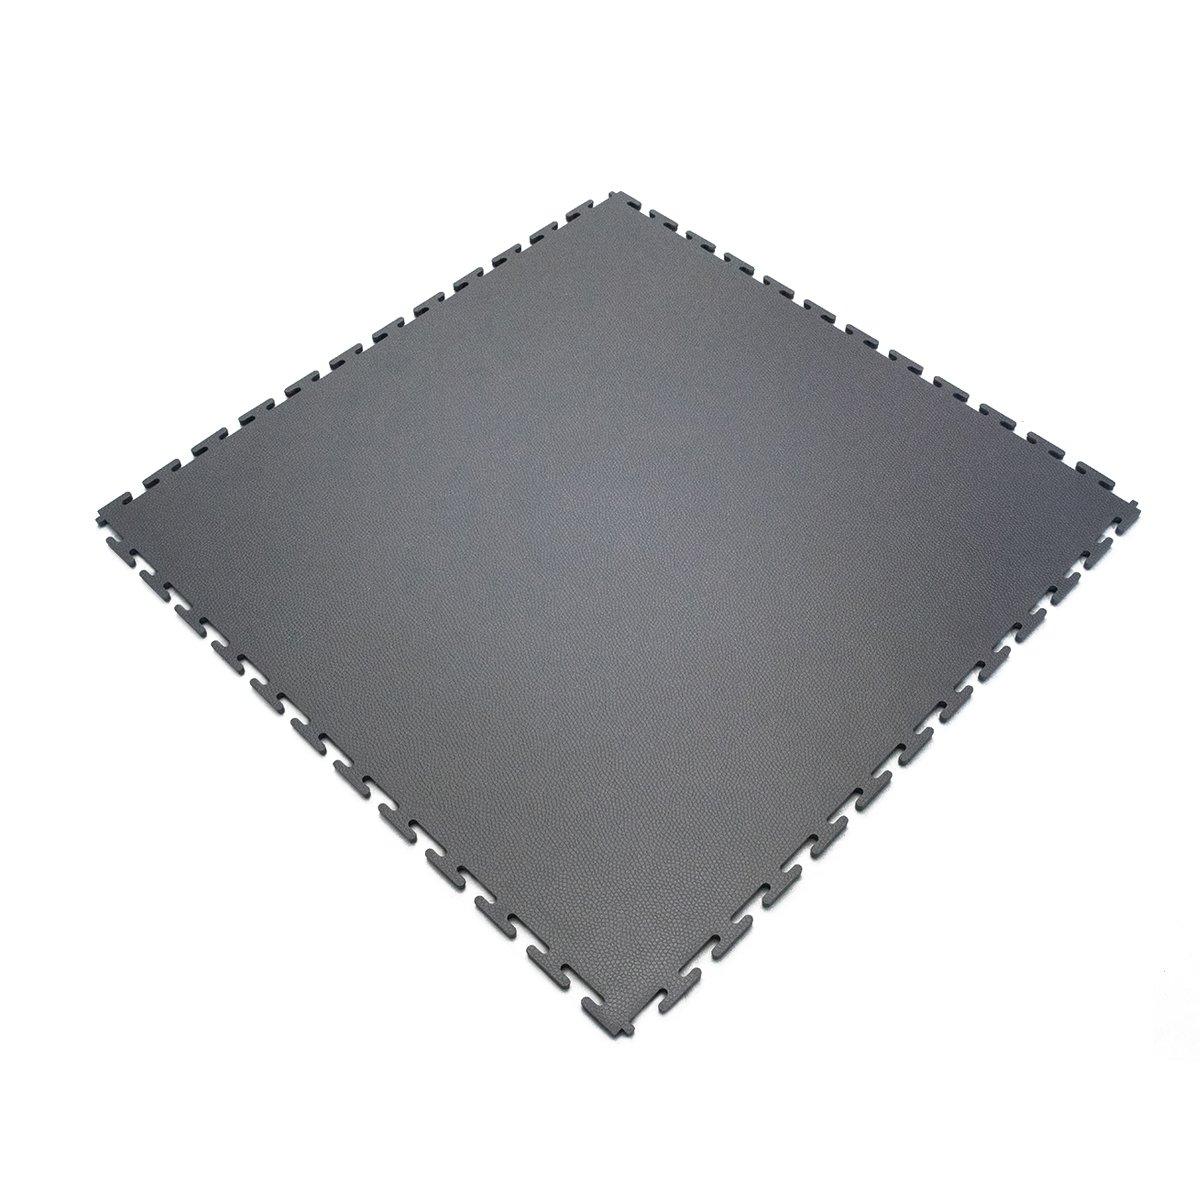 Industrie//Garage//Factory//Lager//Retail//werkstatt//Gym K490 Verrieglung graphite Pro M2 PVC-Boden Fliesen